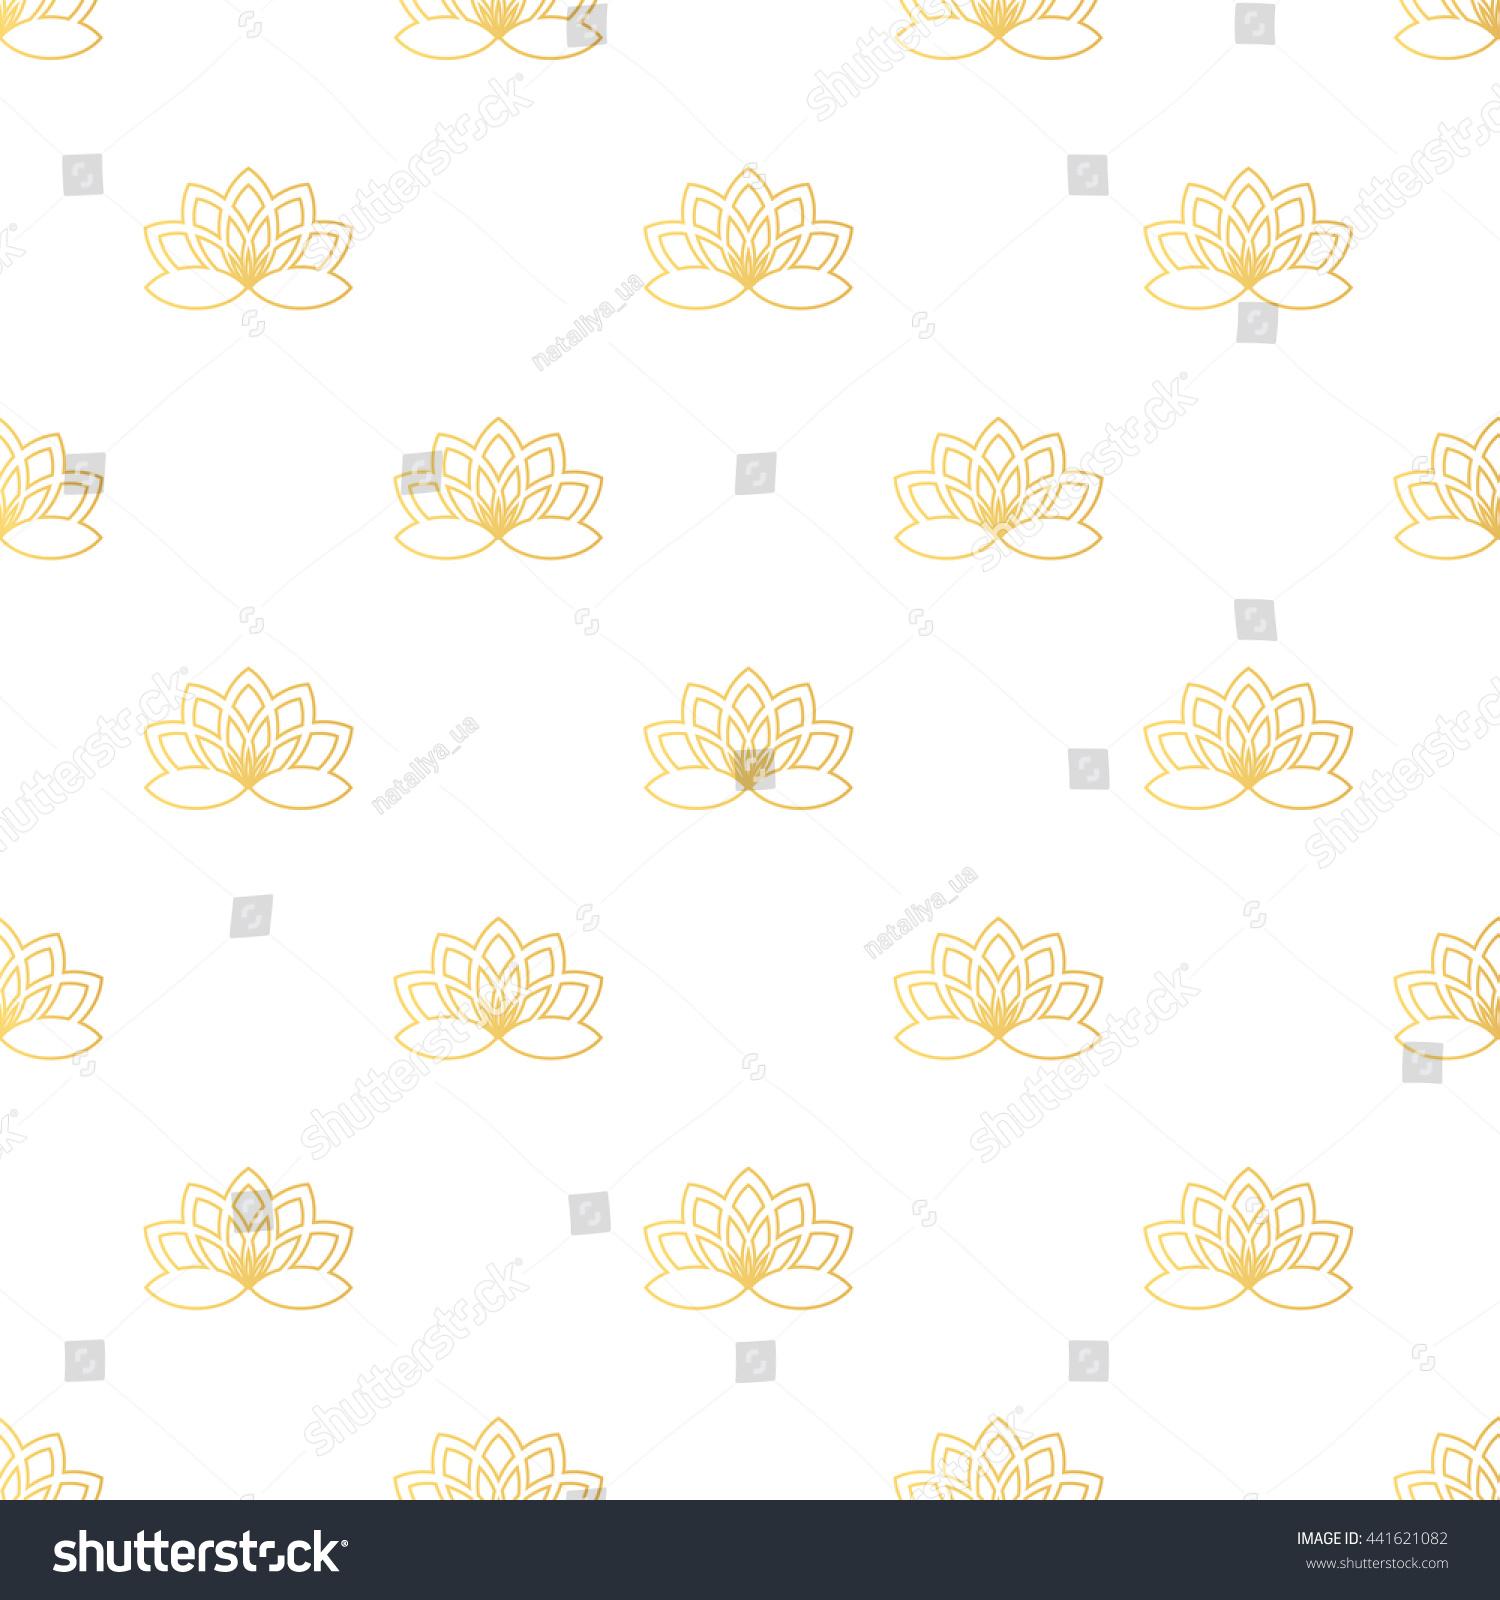 Abstract Flower Logo Template Spa Logo Stock Vector 441621082 ...